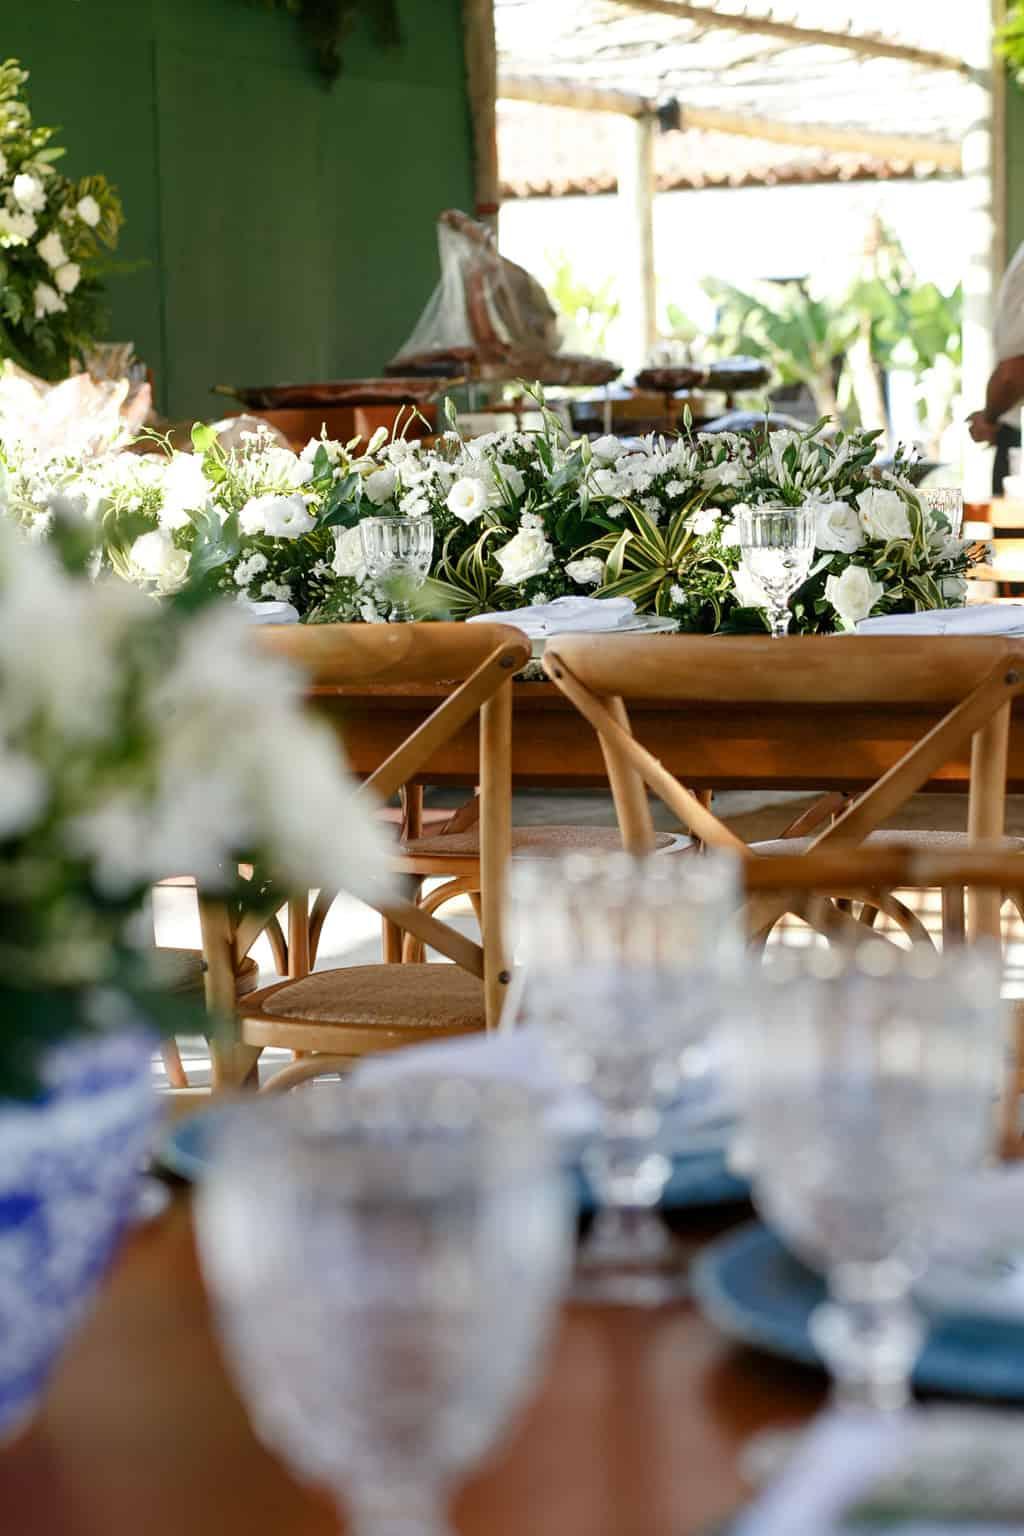 AL-Aline-e-Mauricio-bolo-de-casamento-capela-dos-milagres-casamento-casamento-na-praia-decoracao-de-casamento35-1